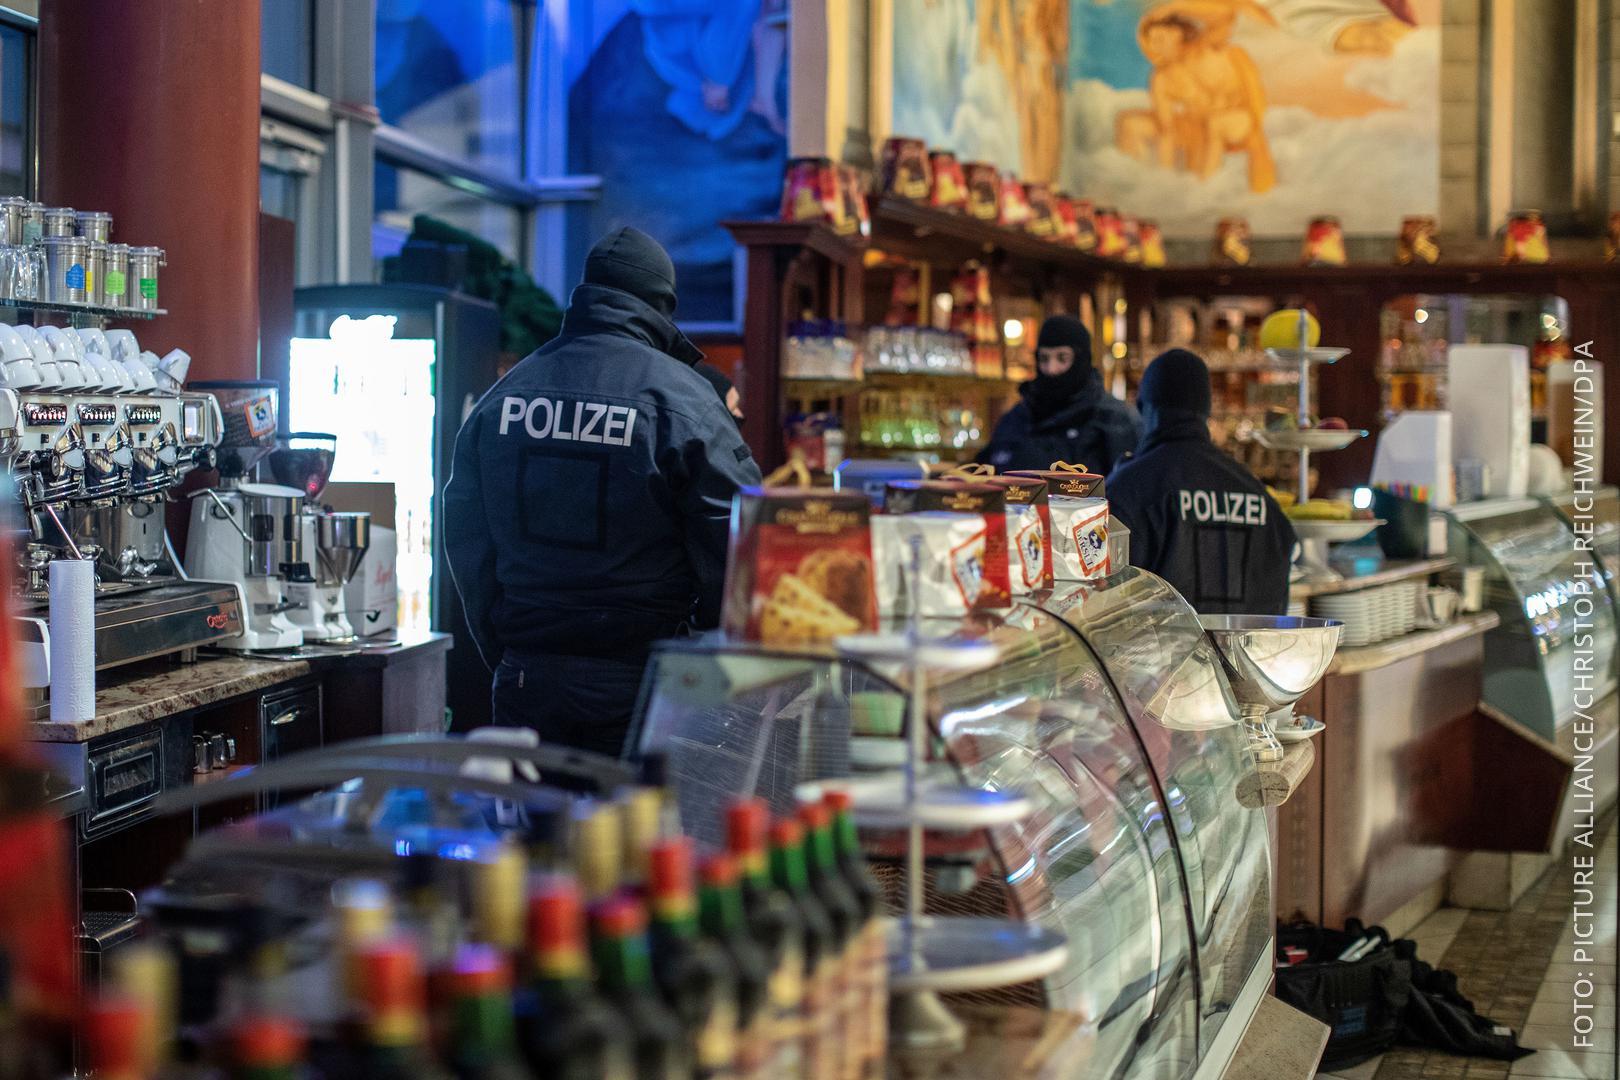 Polizisten stehen in einem Eiscafé im Citypalais in der Duisburger Innenstadt.